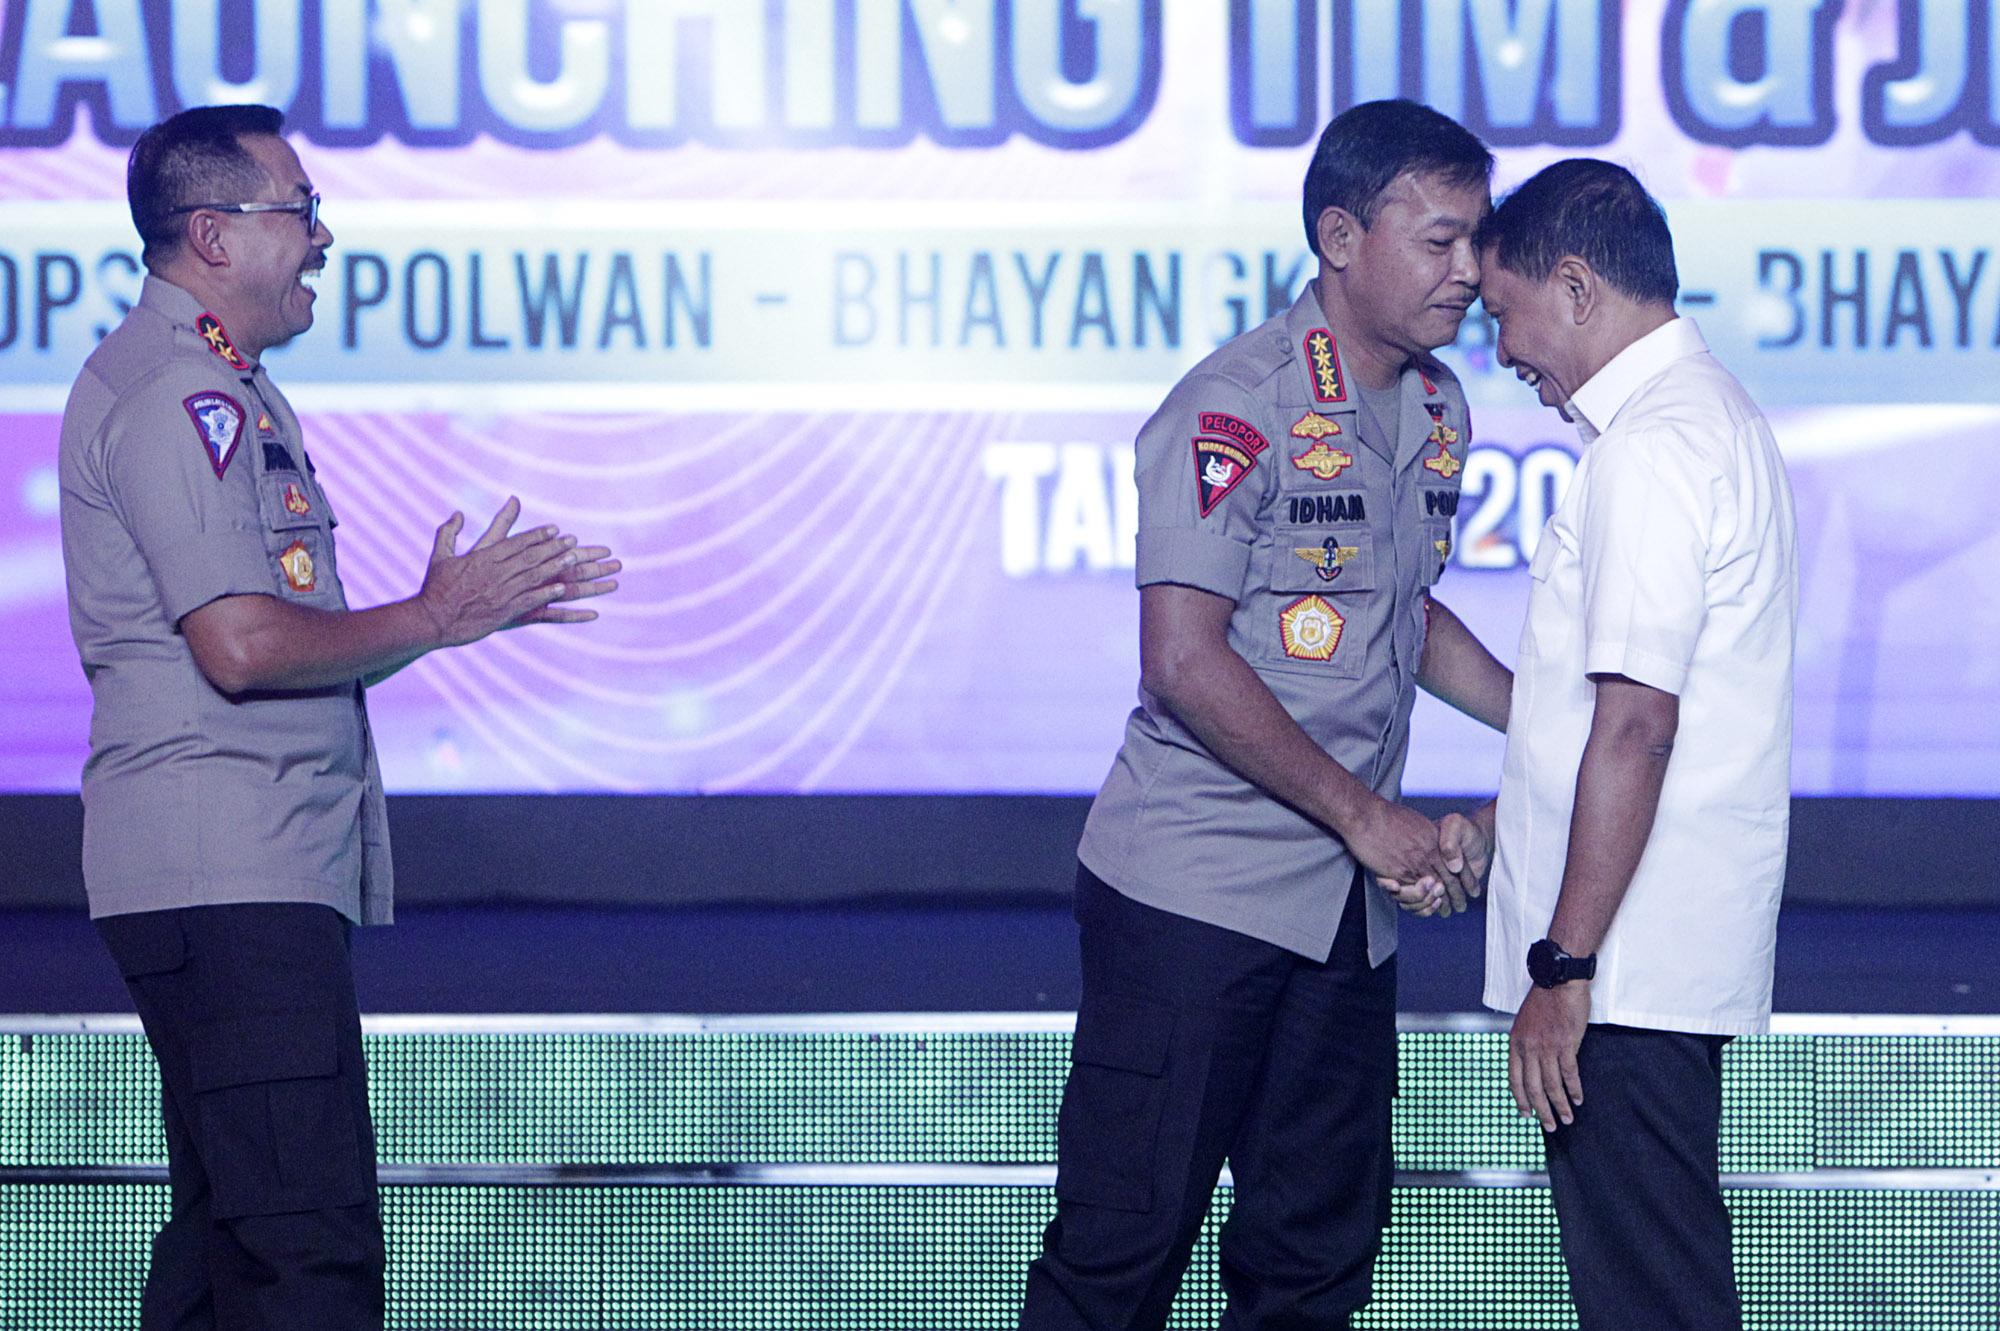 Menpora, Zainudin Amali (kanan) salaman dengan Kapolri, Idham Aziz (tengah), dan Istiono (kiri), dal